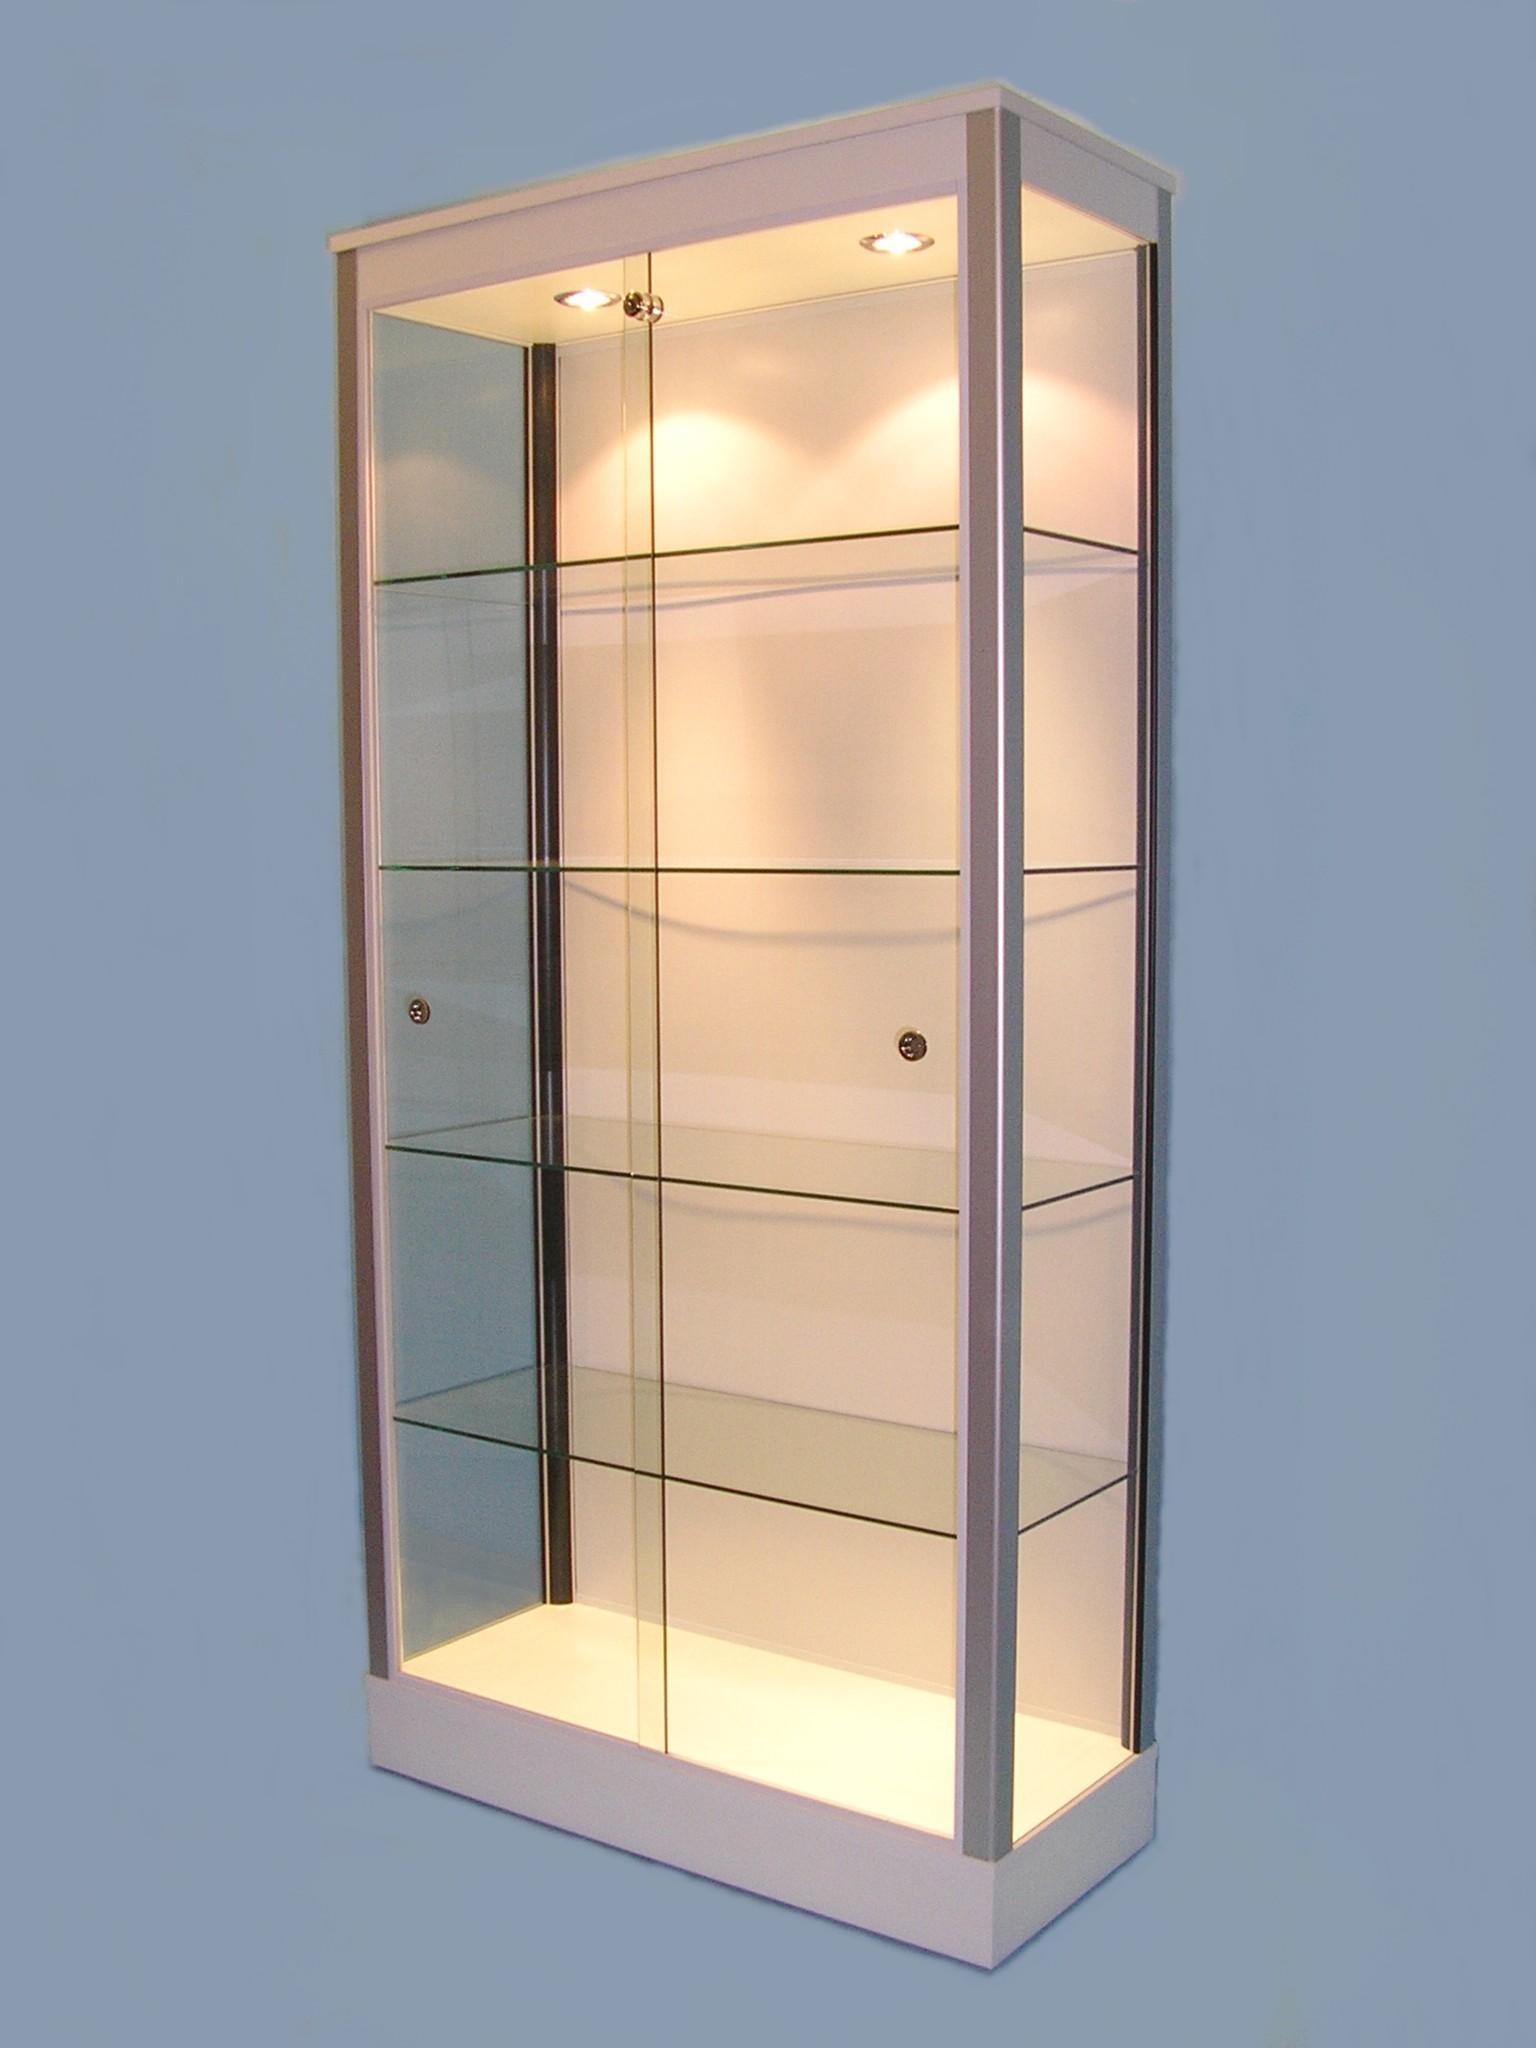 Designex Cabinets D10 White